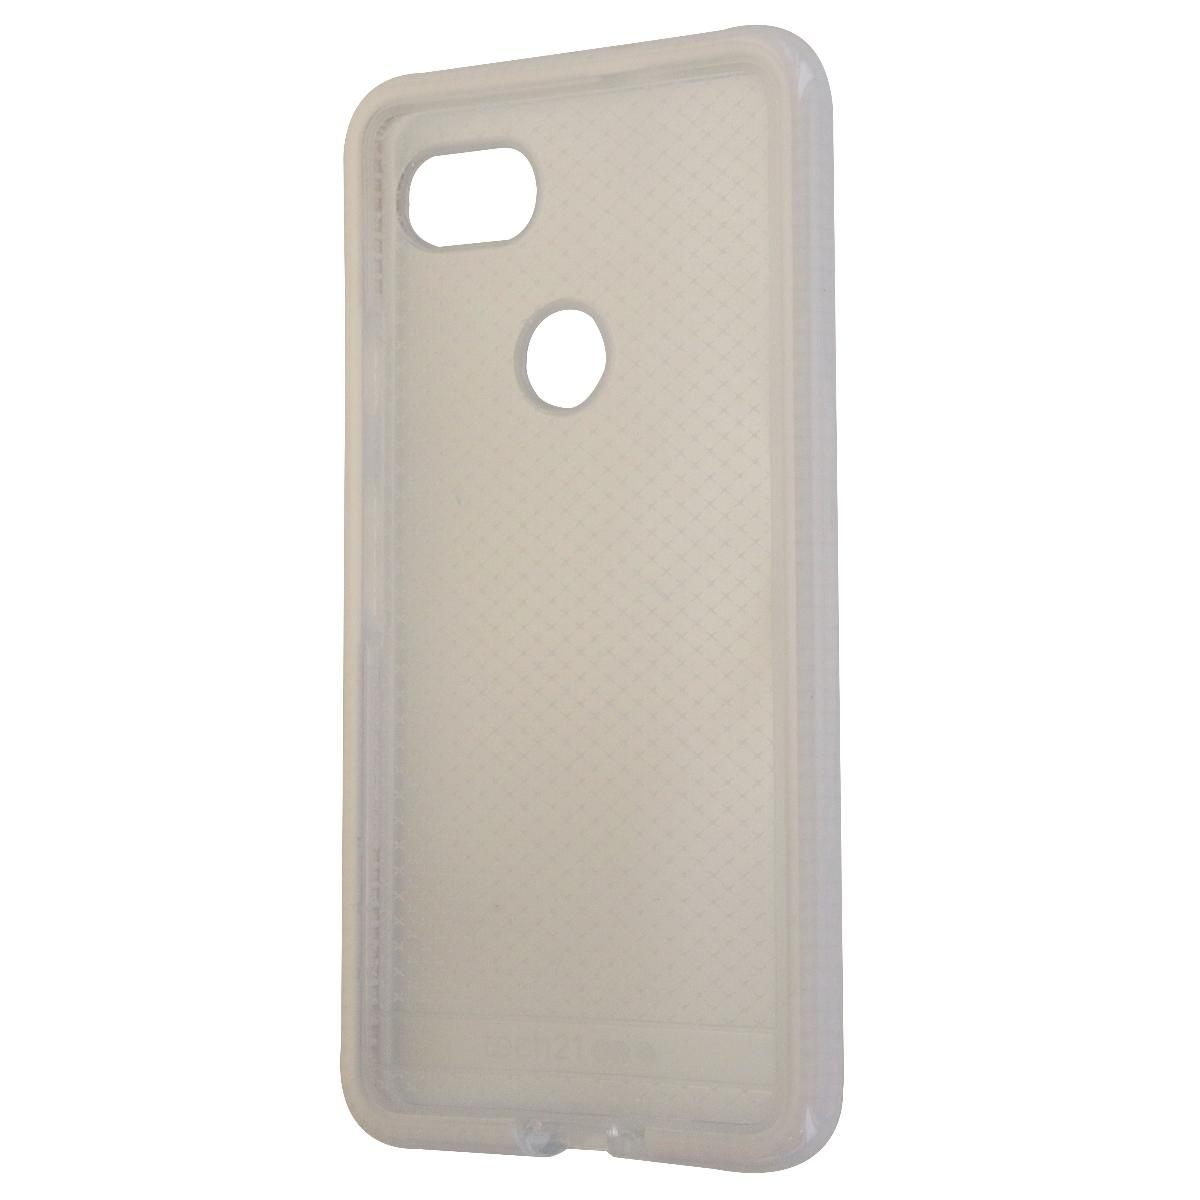 Tech21 Evo Check Series Flexible Gel Case for Google Pixel 2 XL - Clear/White